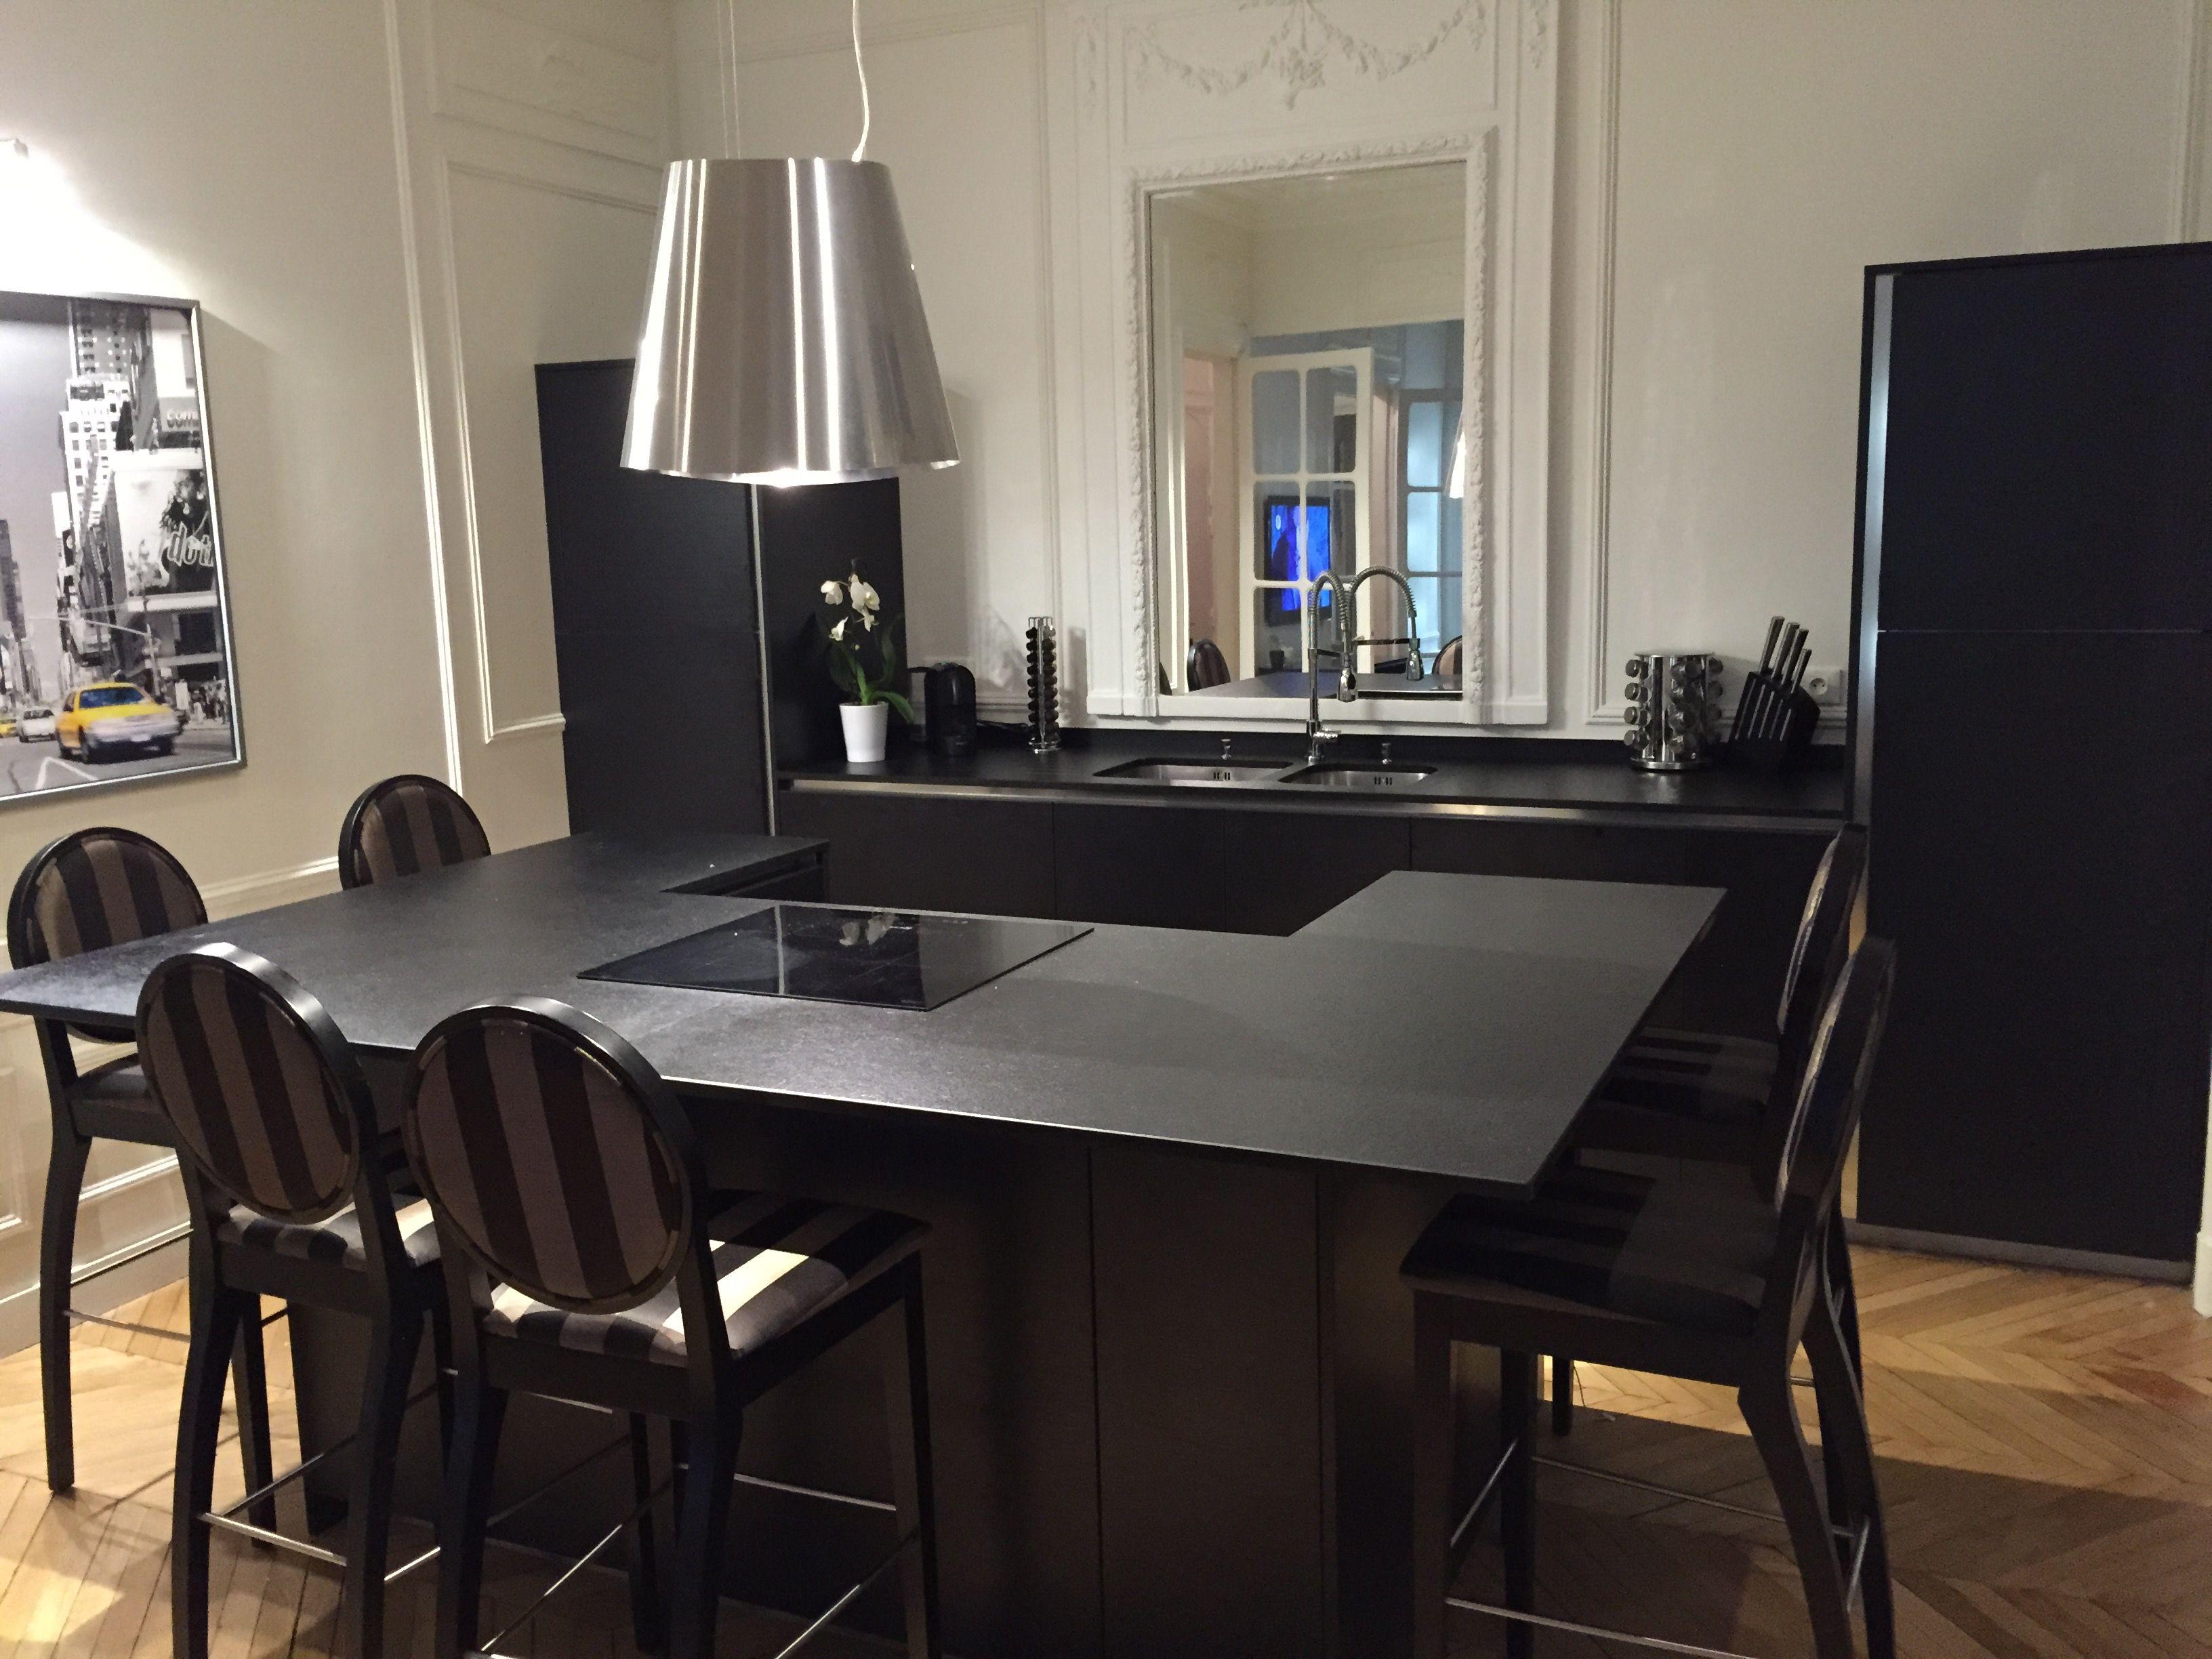 Cuisine Noire Cuisine Haut De Gamme Meuble Design Mobilier De Salon